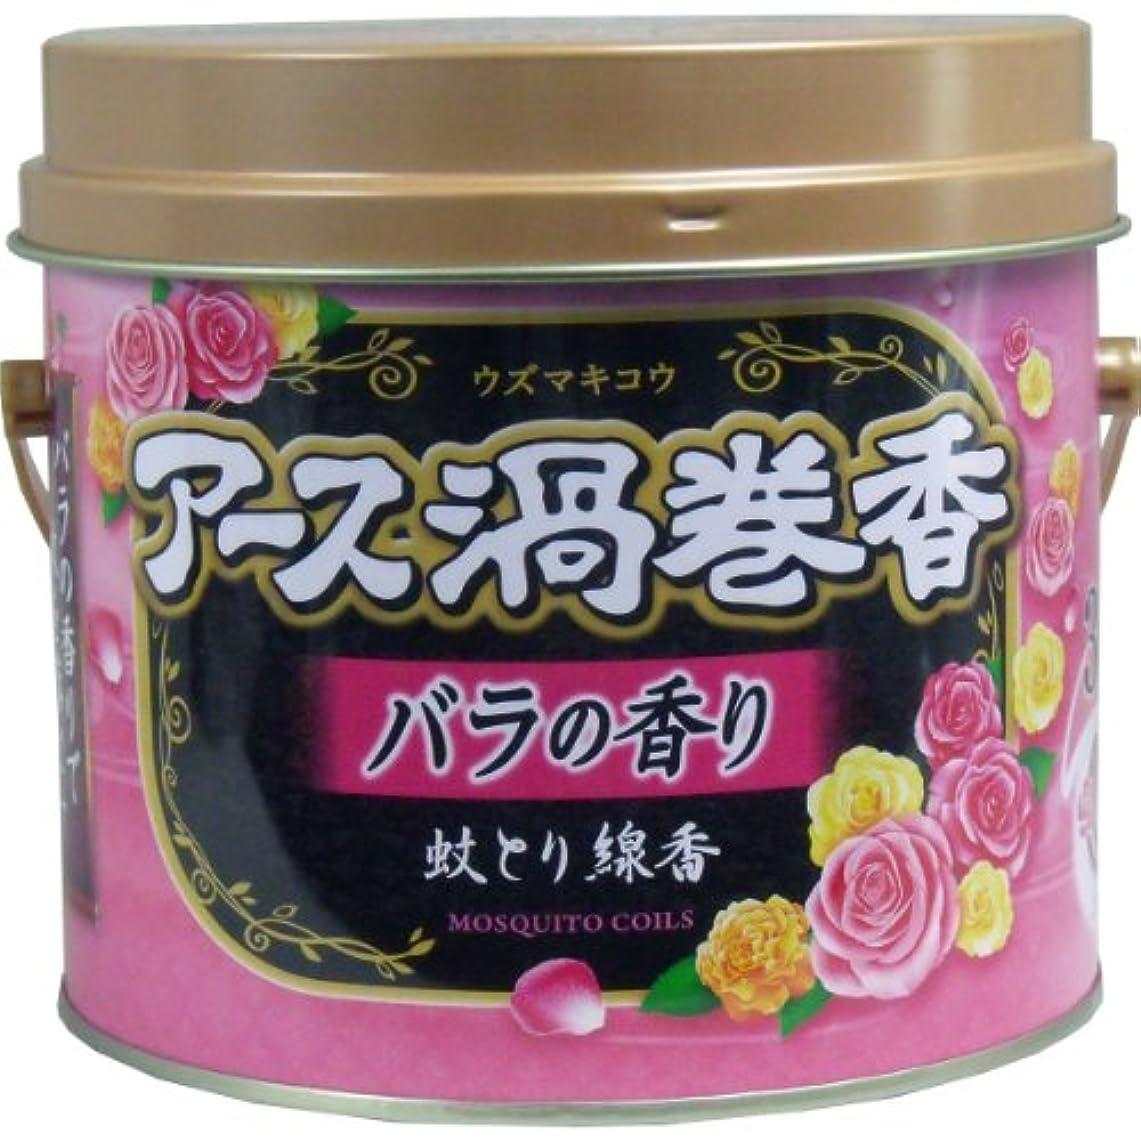 アース渦巻香 蚊とり線香 バラの香り 30巻 4個セット